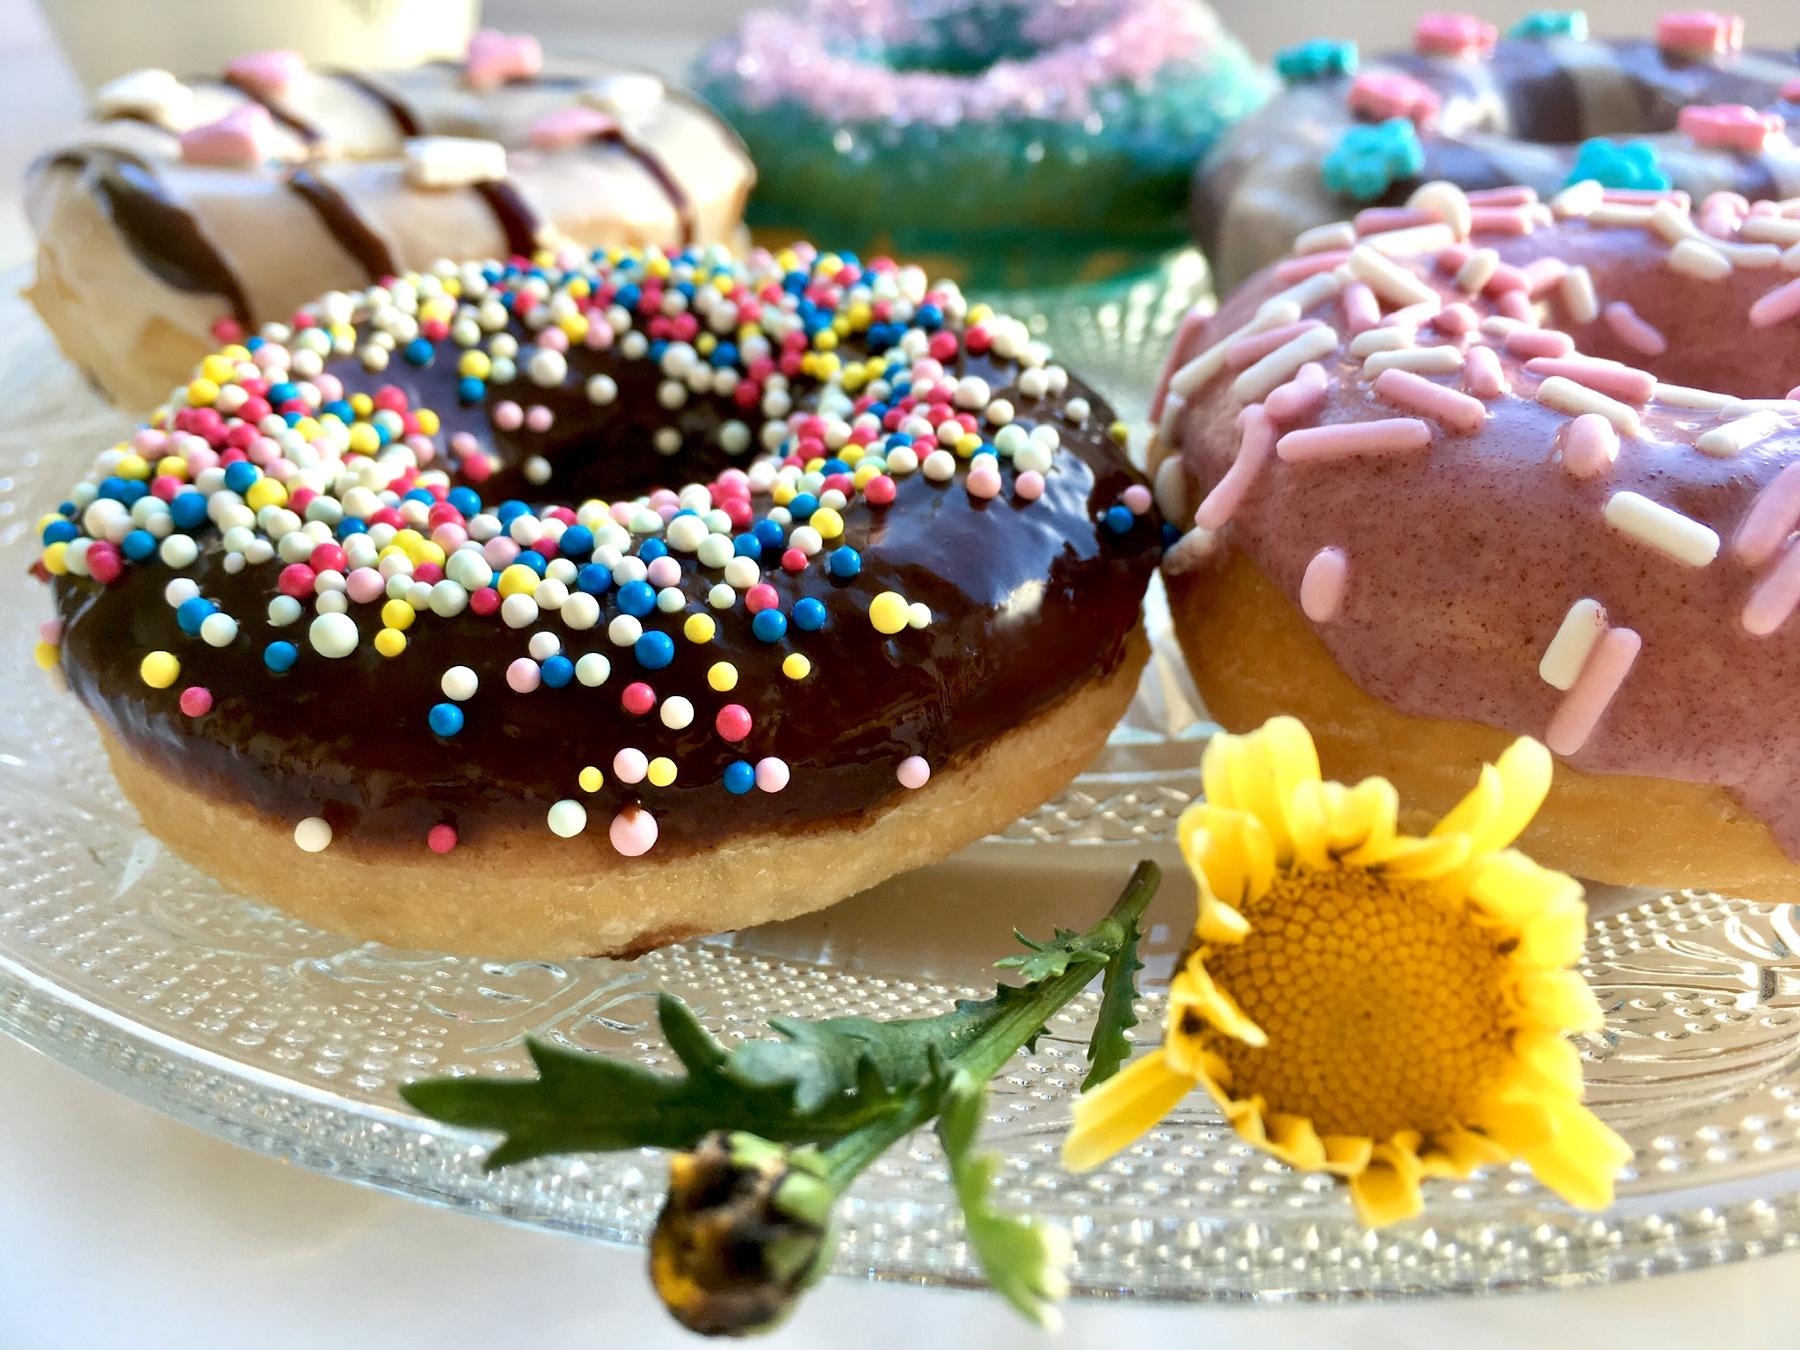 Schokoladen-Donut mit Streusel